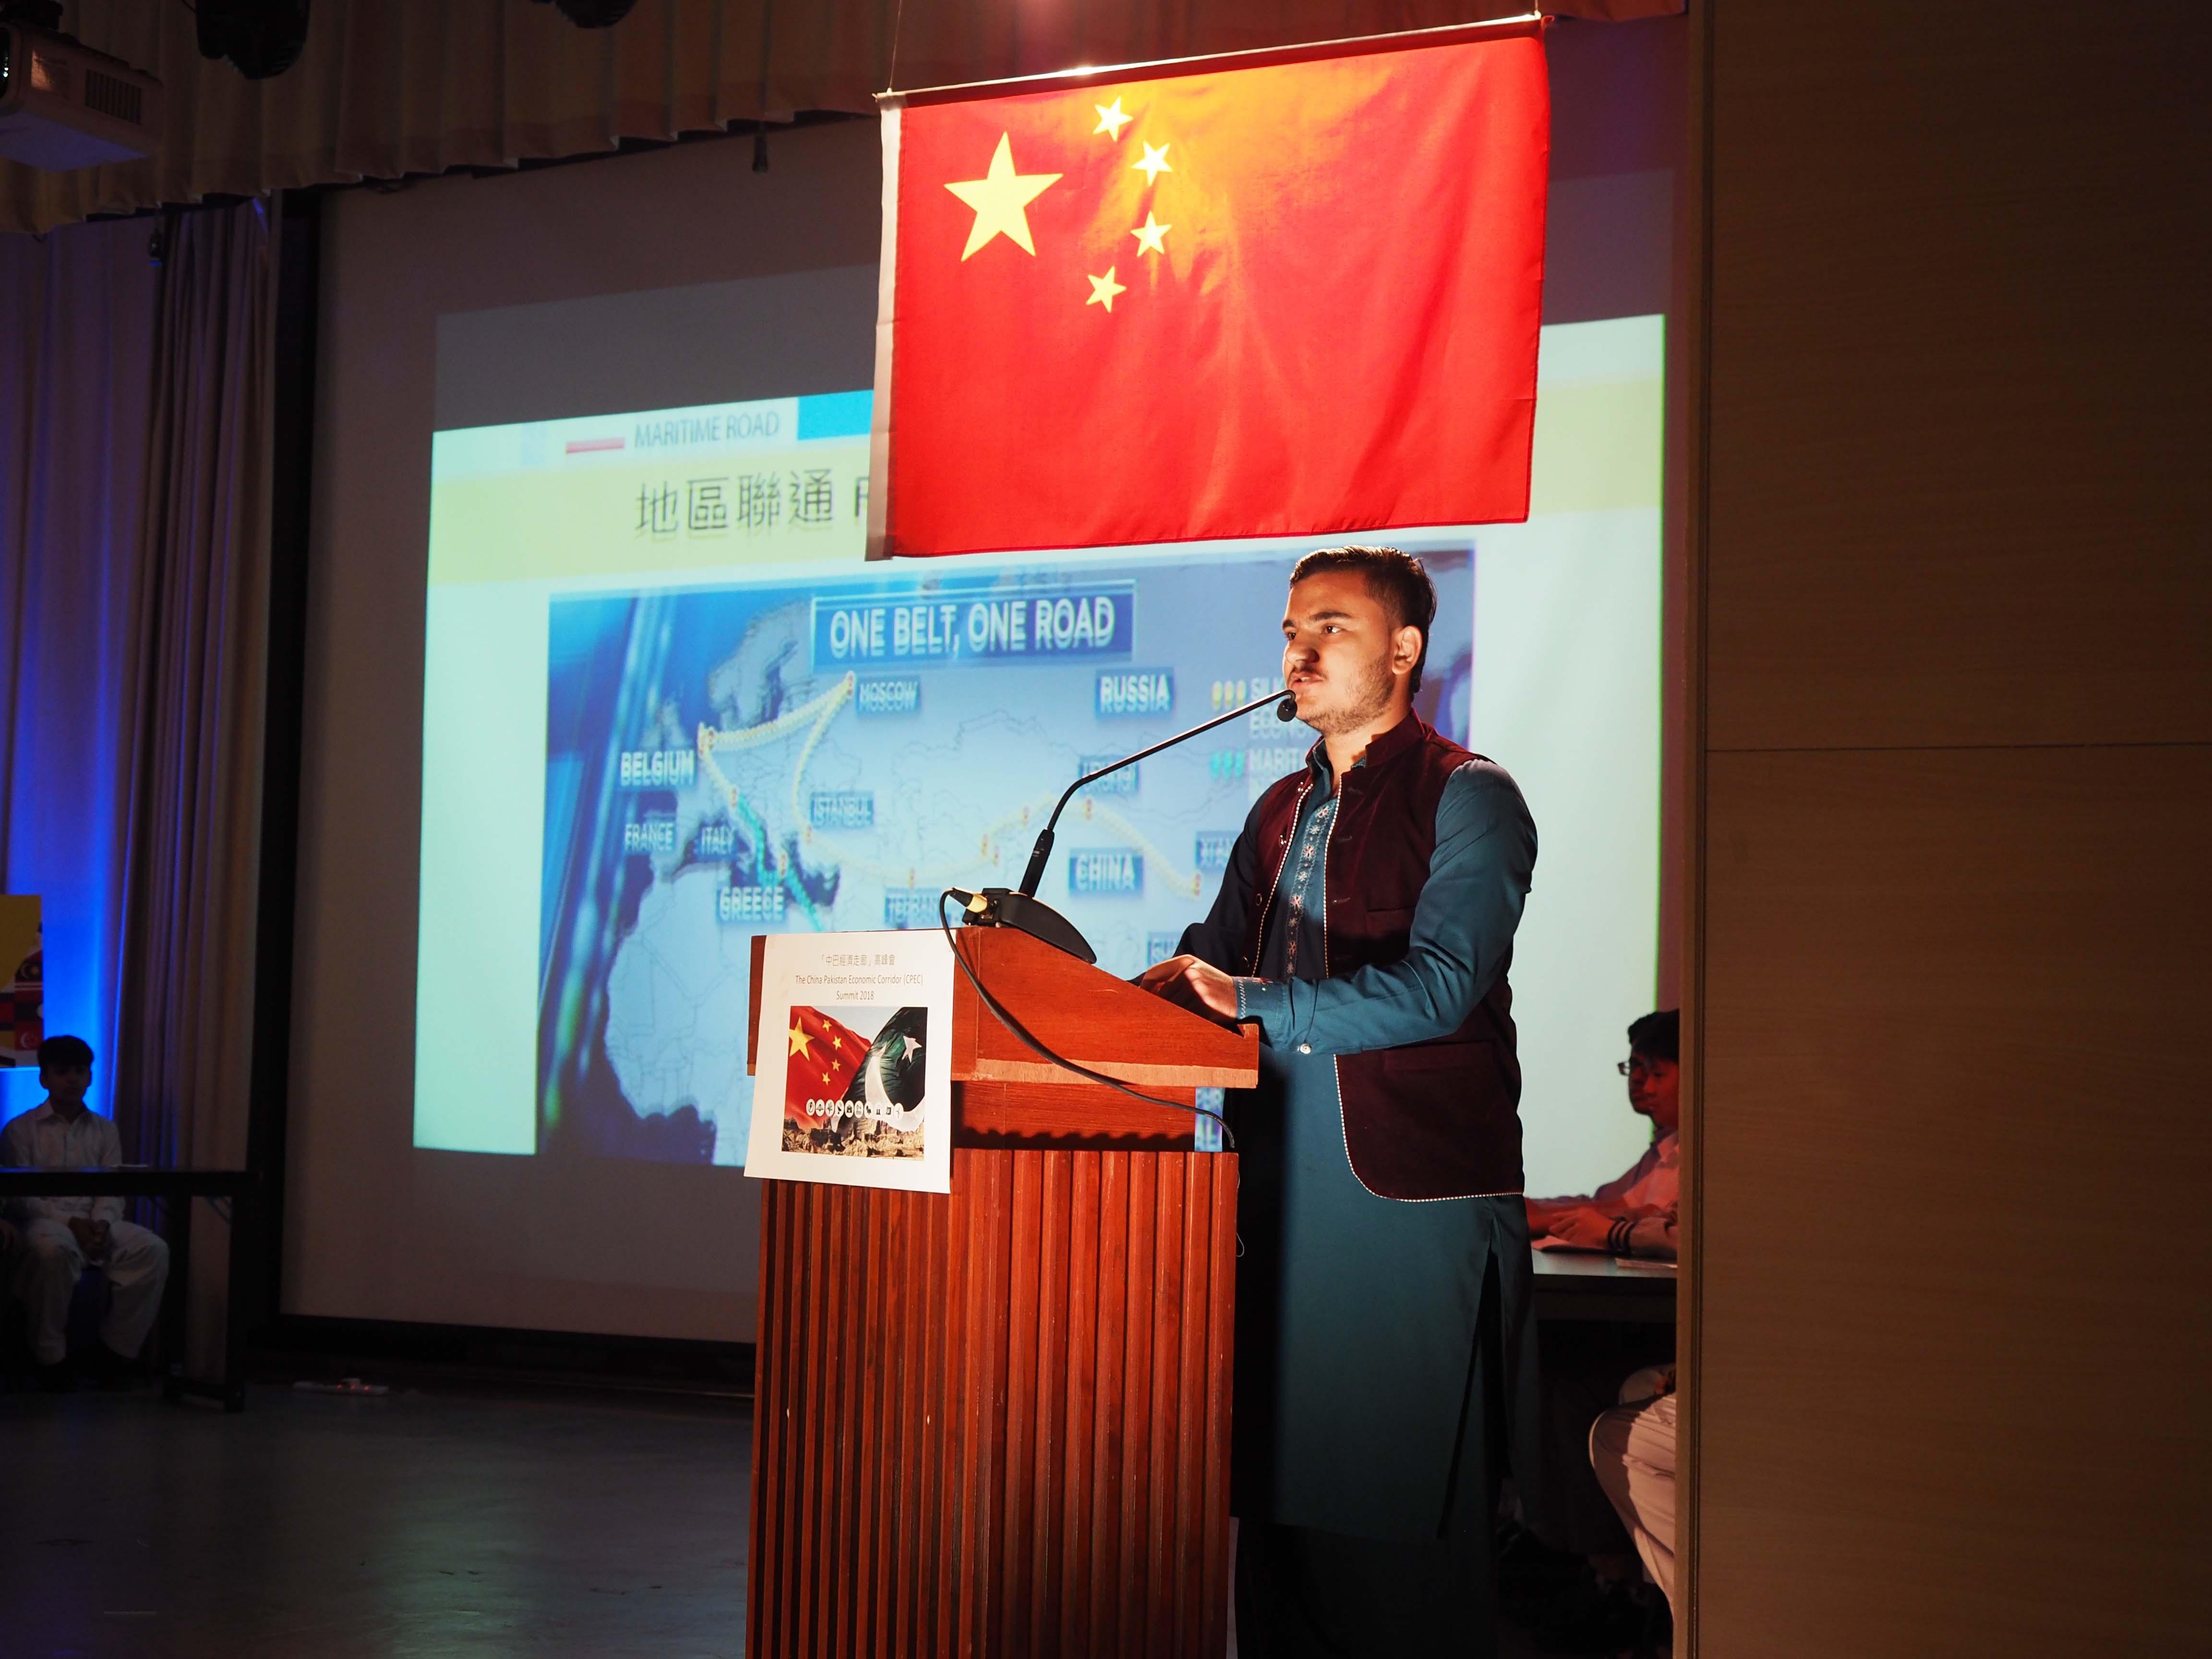 天主教慈幼會伍少梅中學的「中巴經濟走廊」高峰會活動相片19